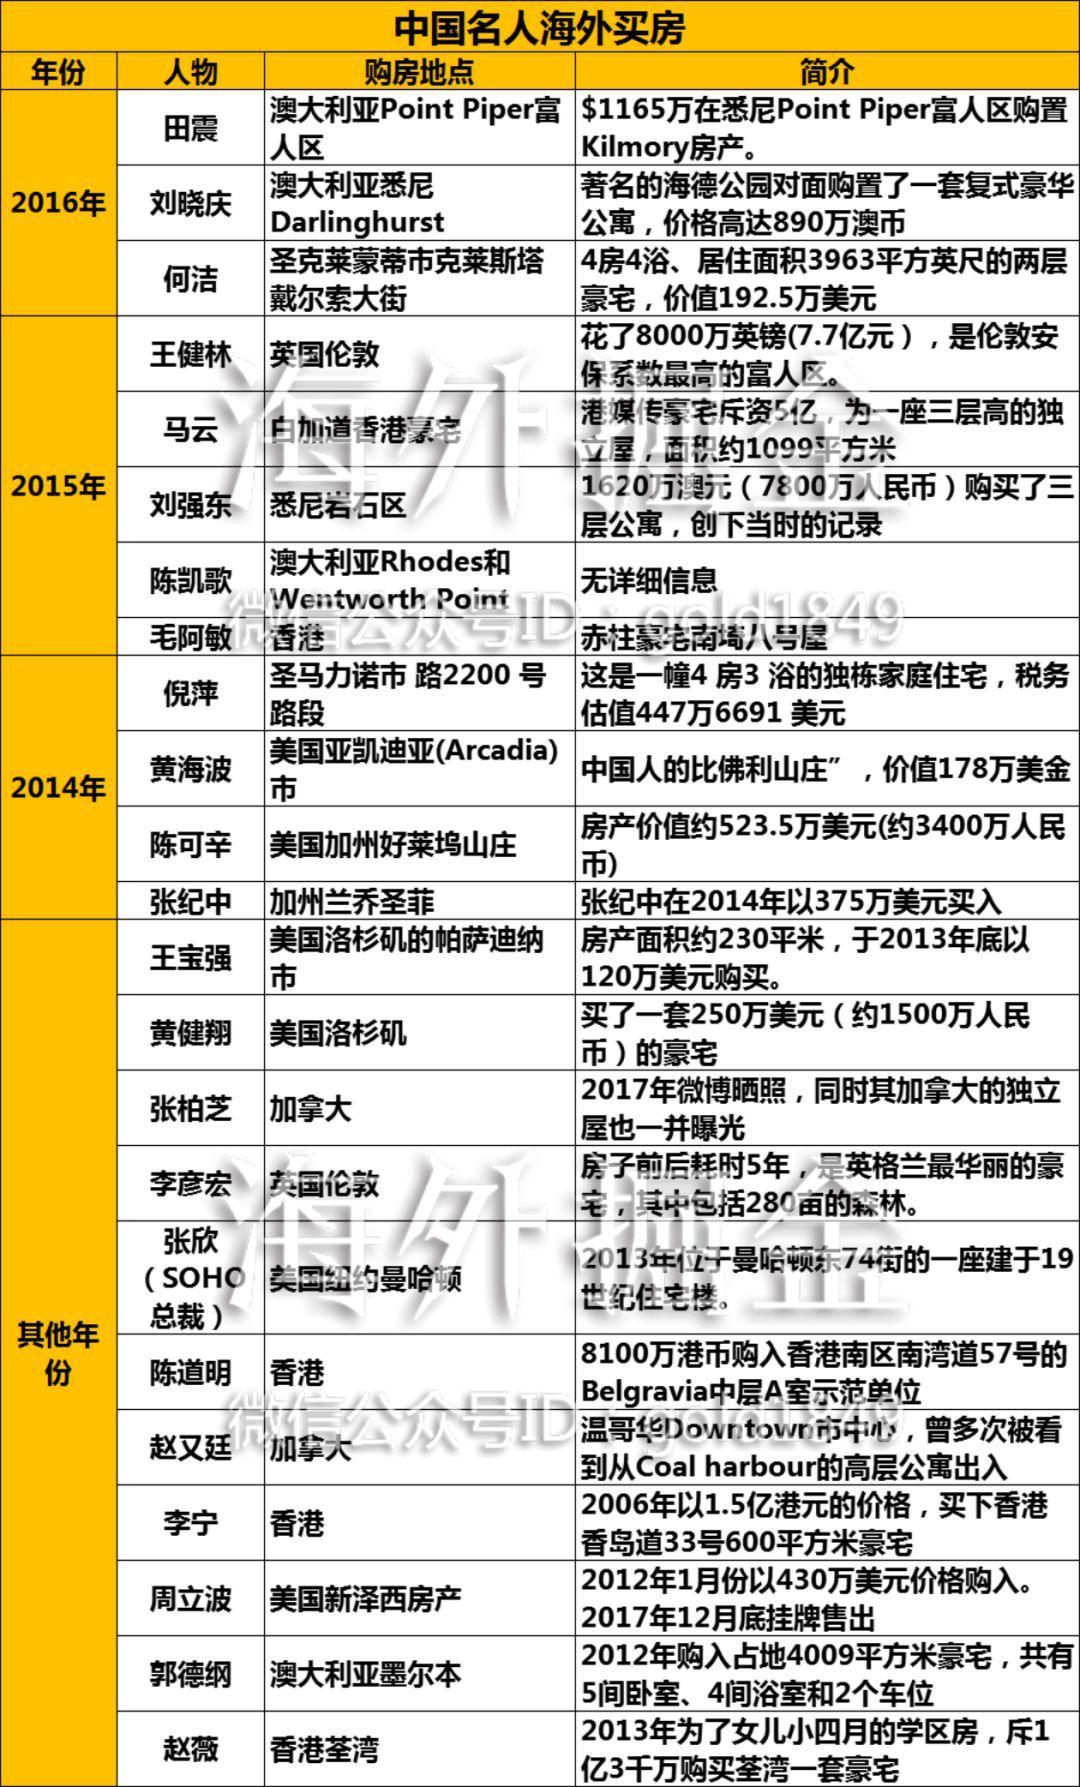 史上最全中国明星海外房产版图,谁赚了,谁亏了?